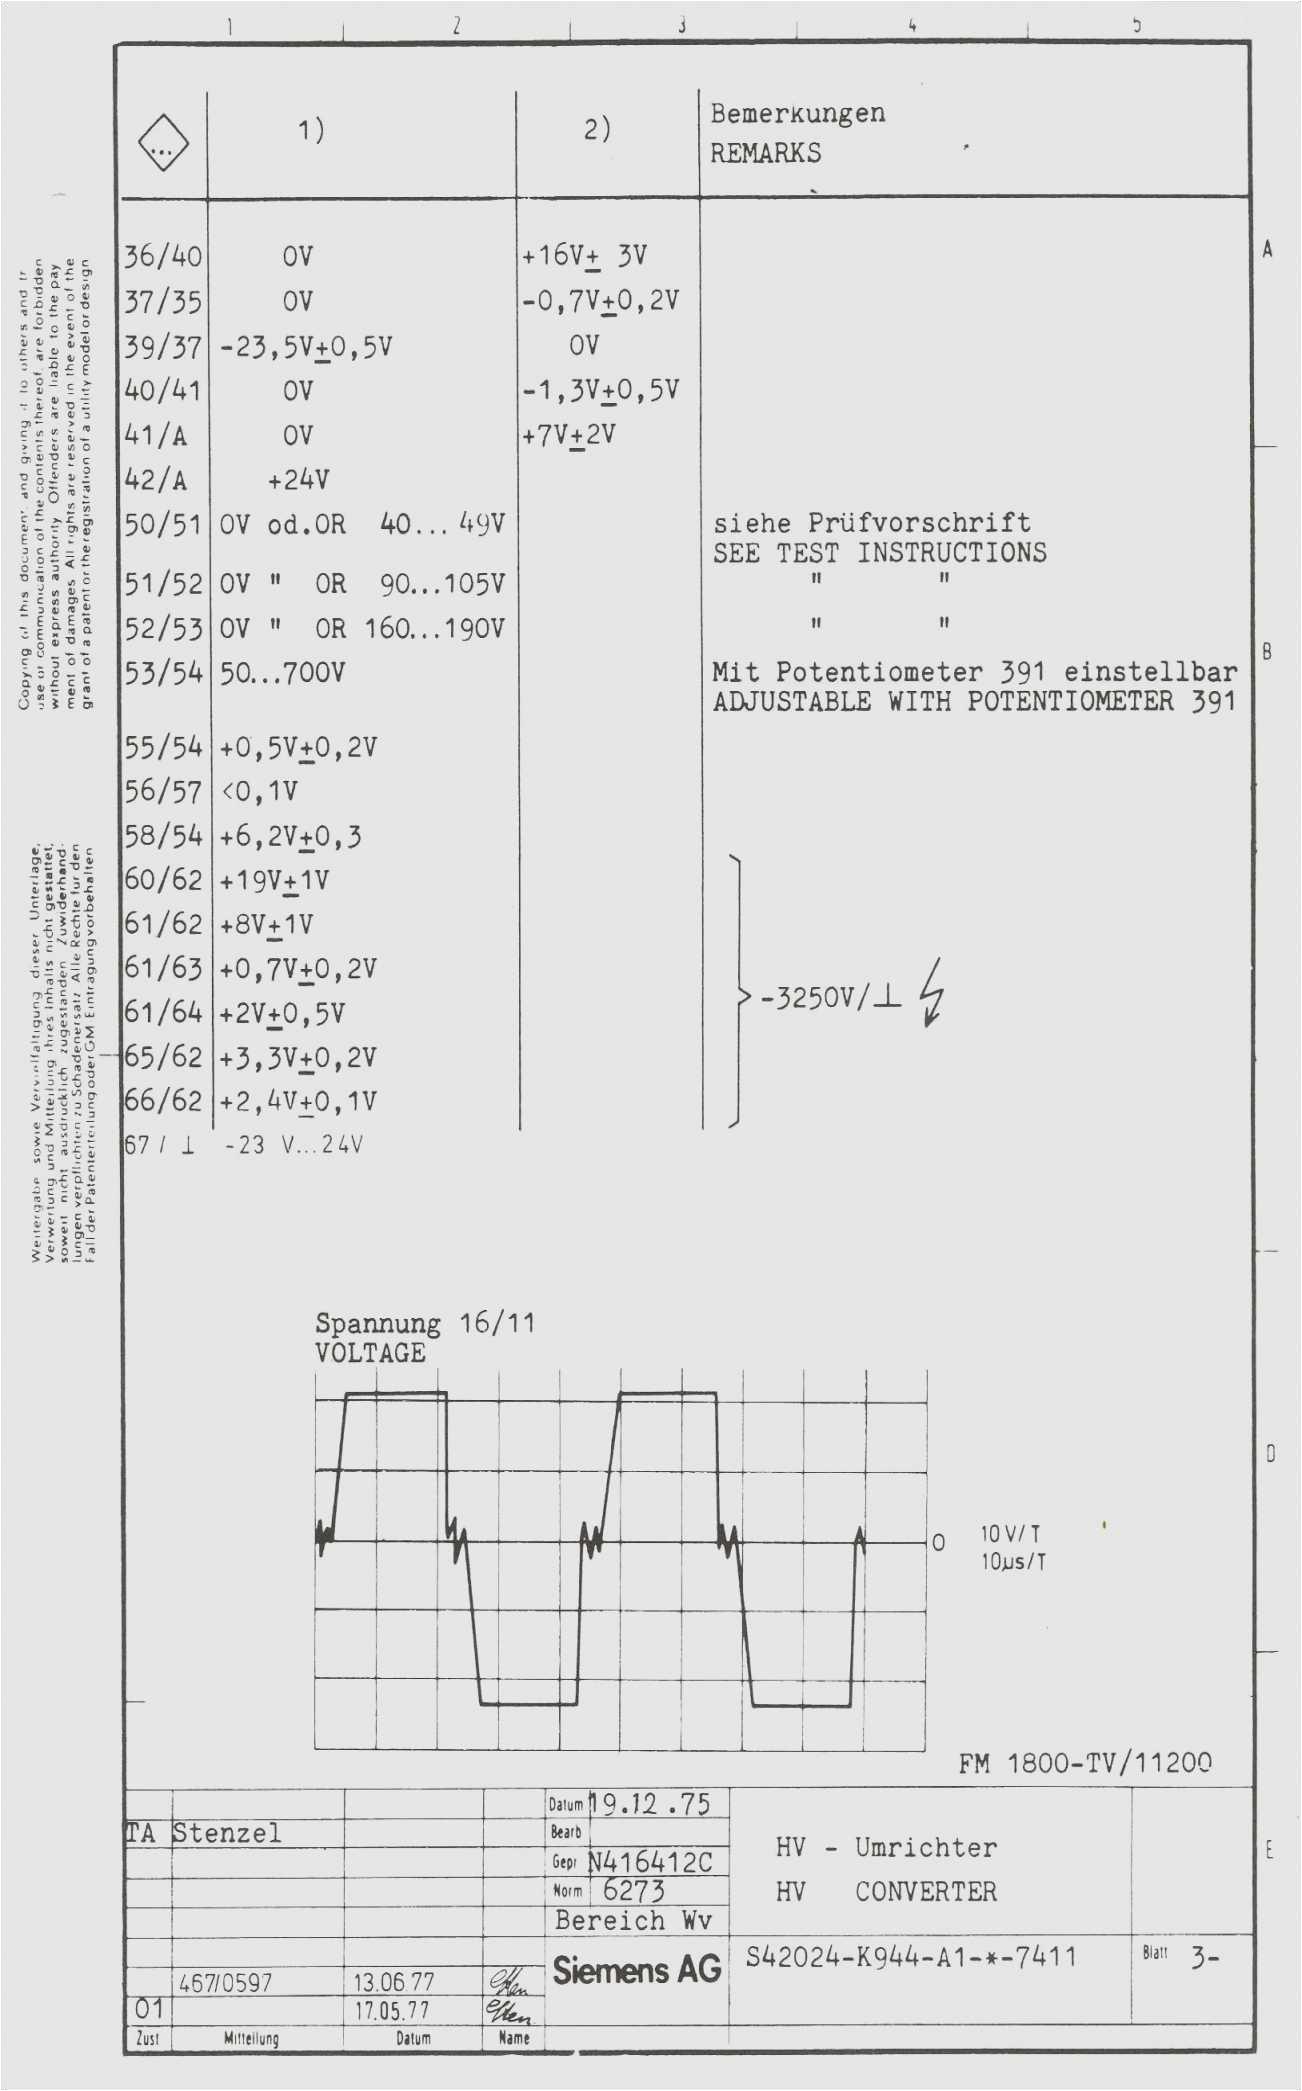 Kenwood Kdc 108 Wiring Diagram Wiring Diagram for Kenwood Kdc108 solved Wiring Diagram Page